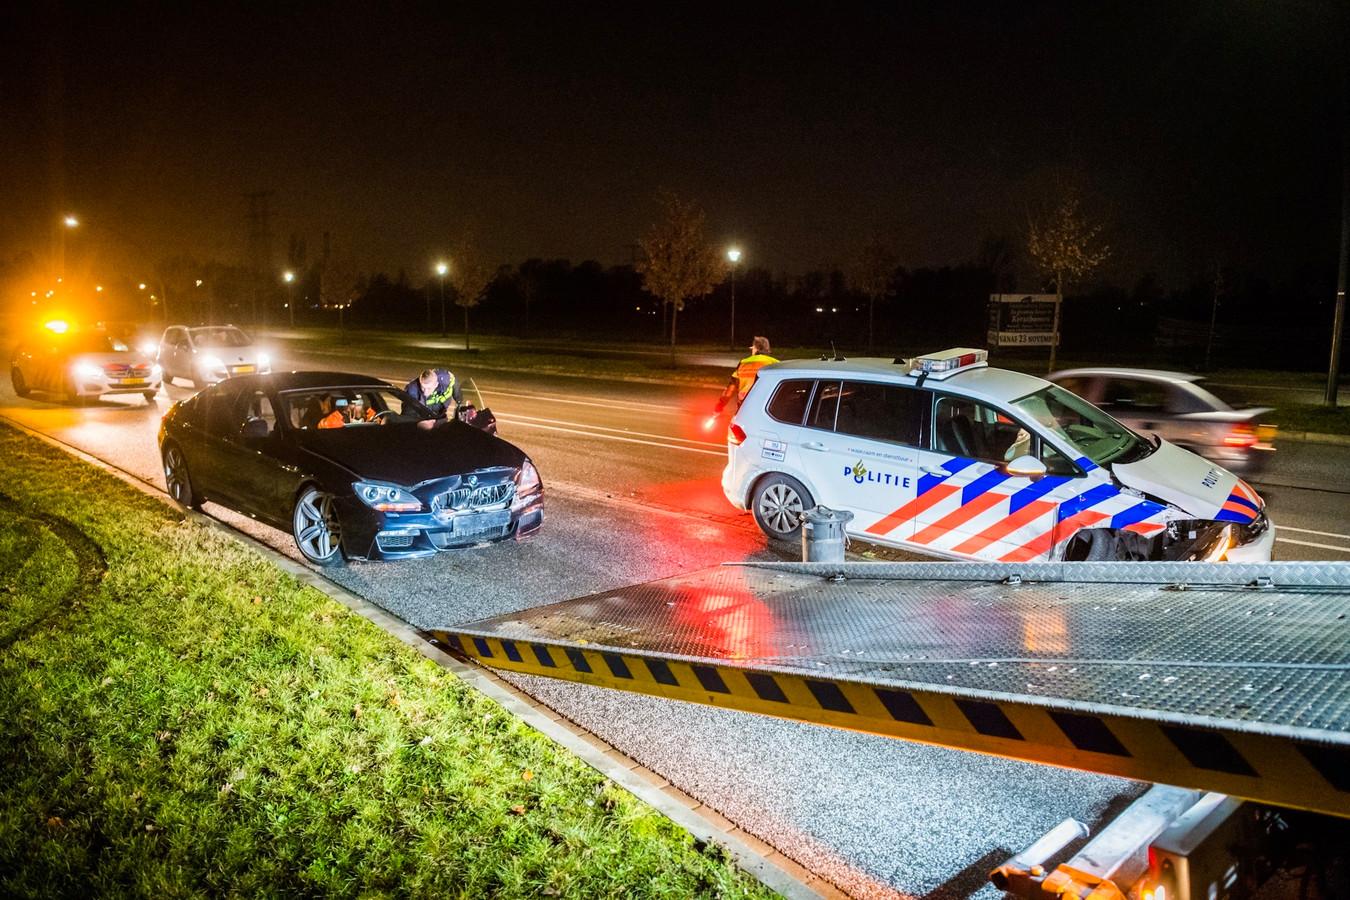 Bij de achtervolging in december 2019 moest de advocaat in Nuenen worden klemgereden. Twee politiewagens en zijn Mercedes raakten beschadigd.